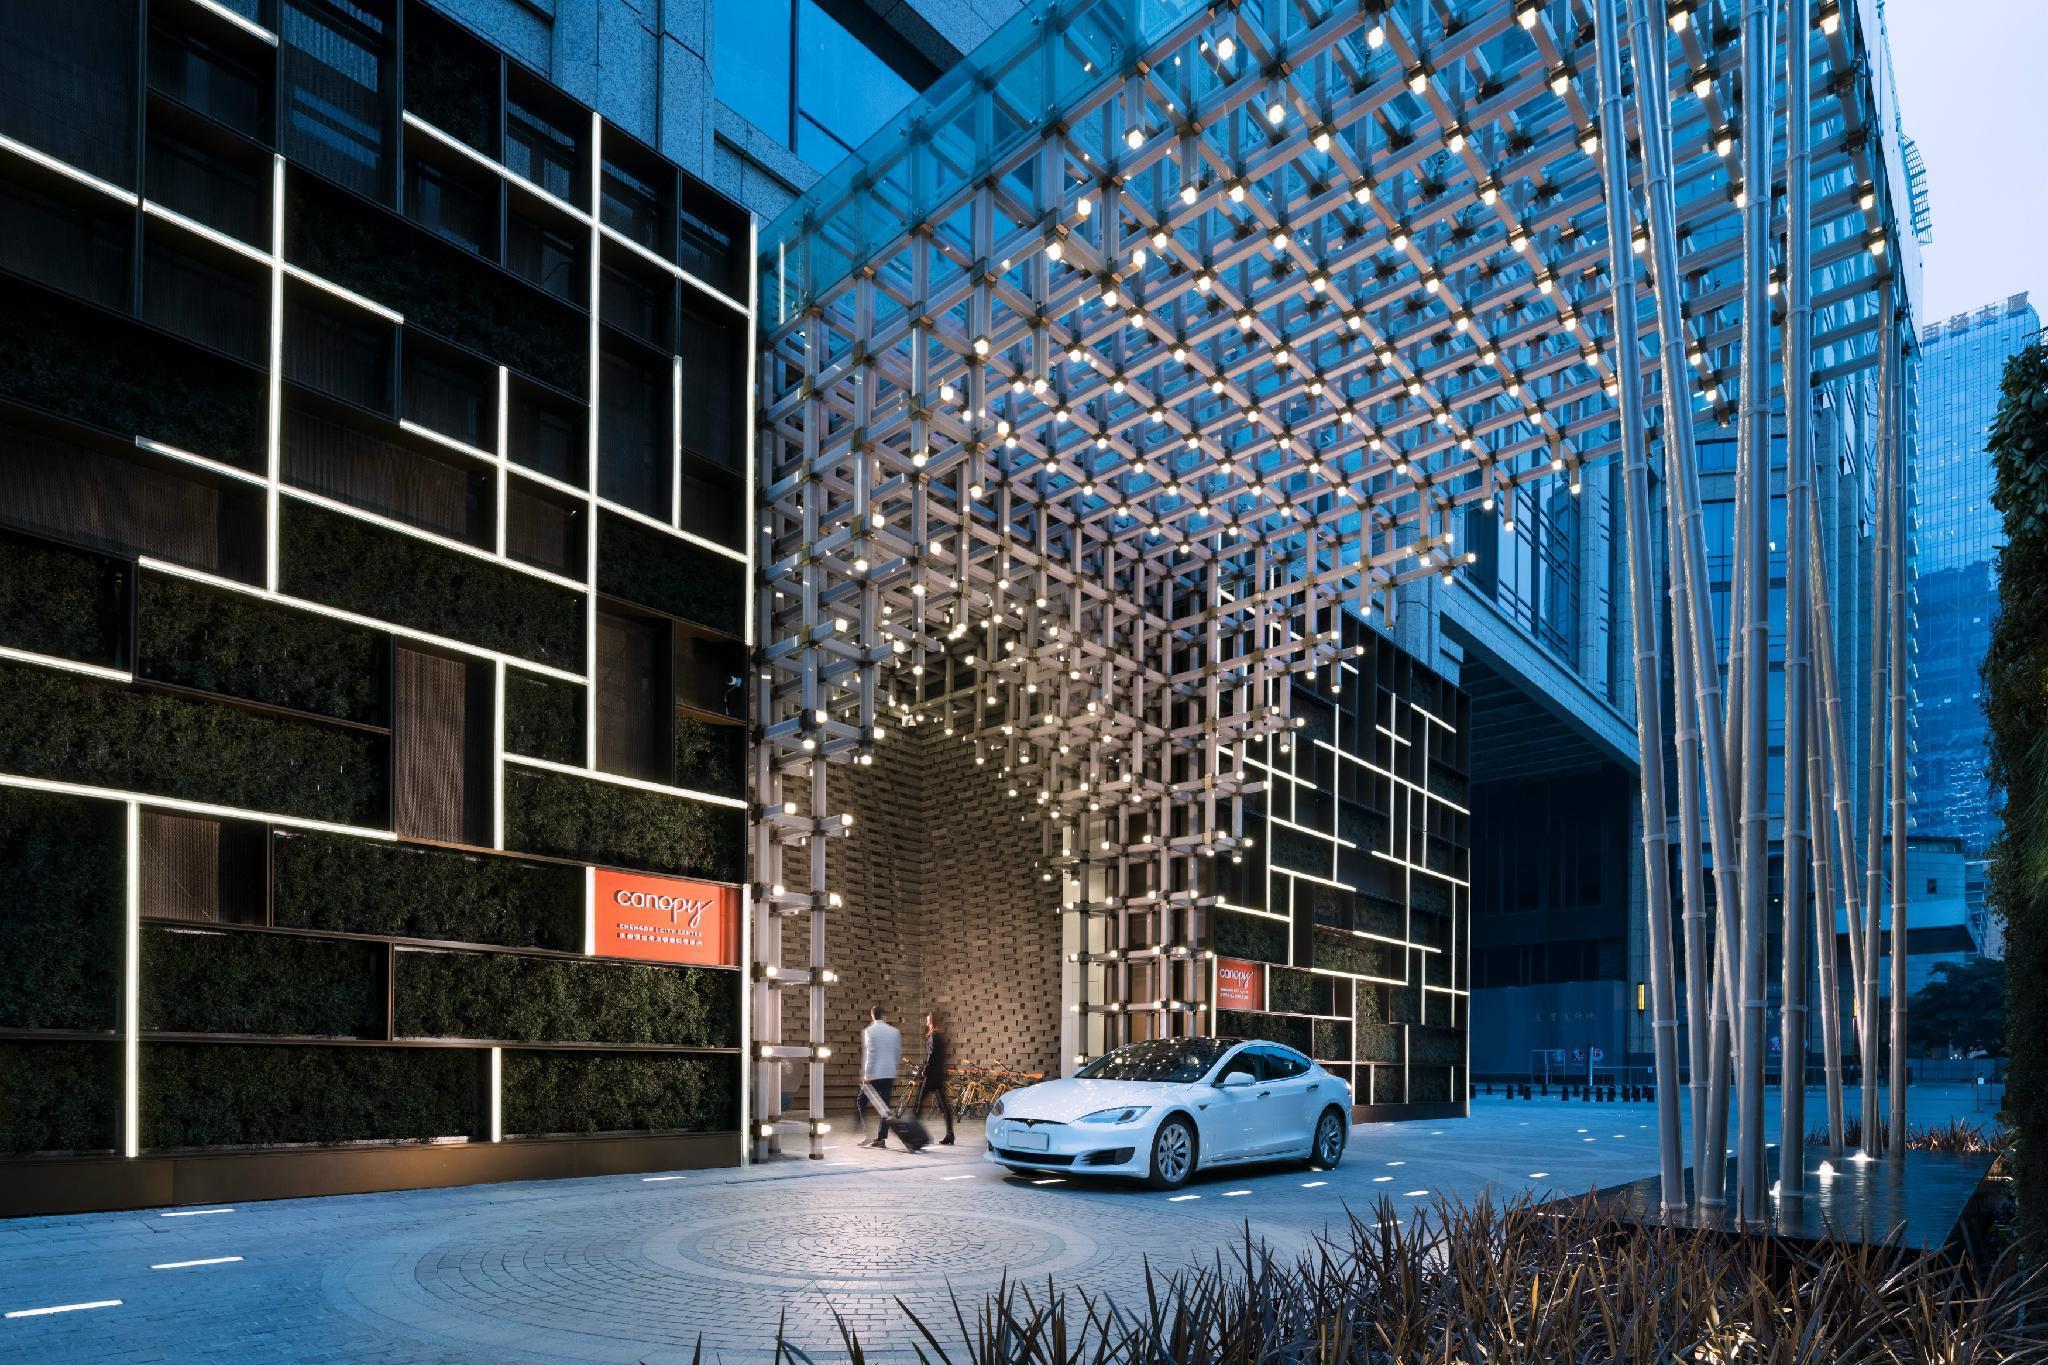 Canopy By Hilton Chengdu City Centre